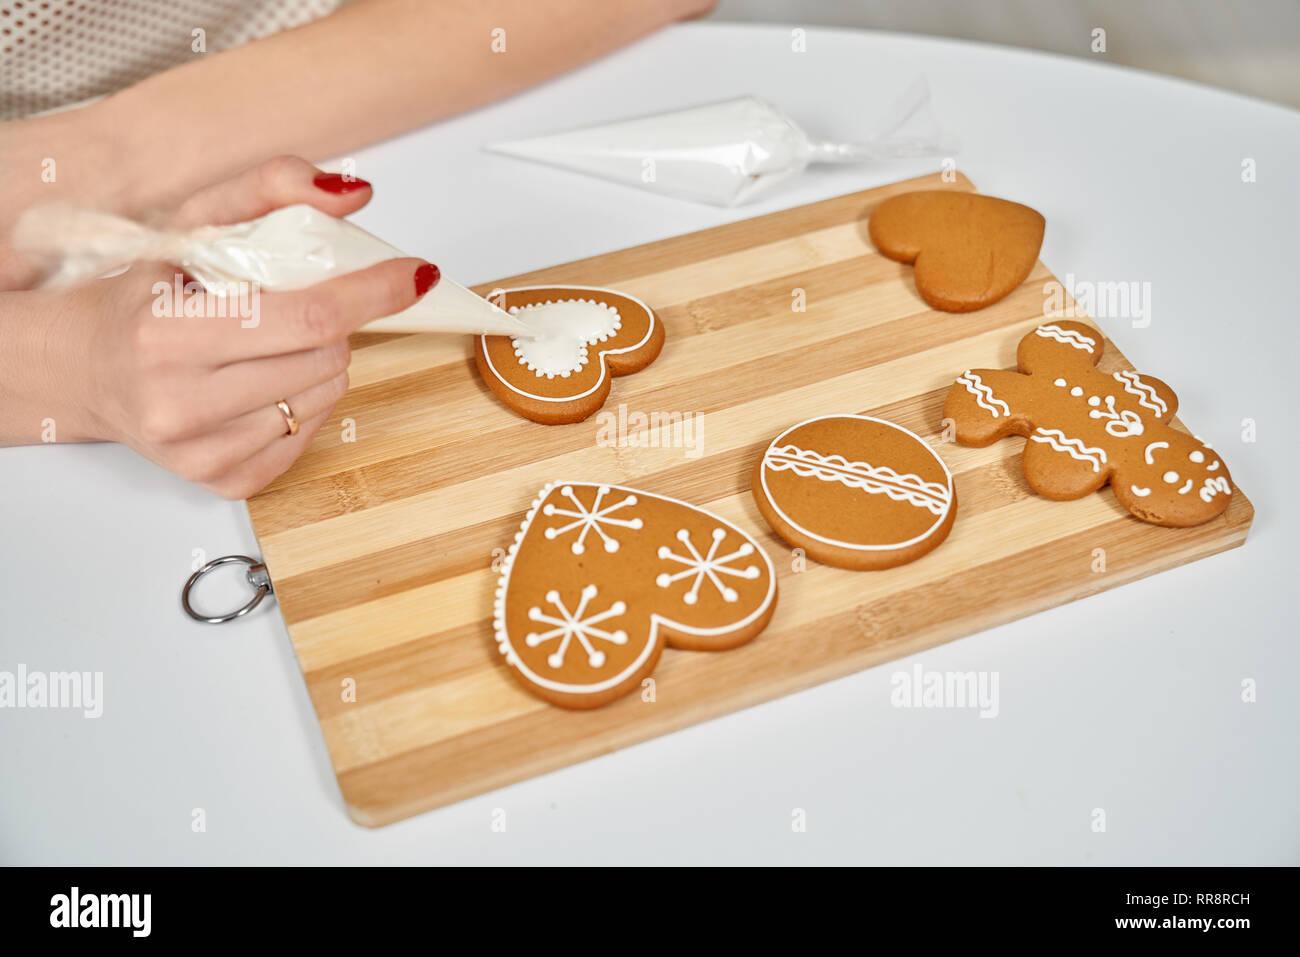 Braune Weihnachtskekse.Weihnachtliche Köstlichkeiten Weibliche Hände Verzieren Braune